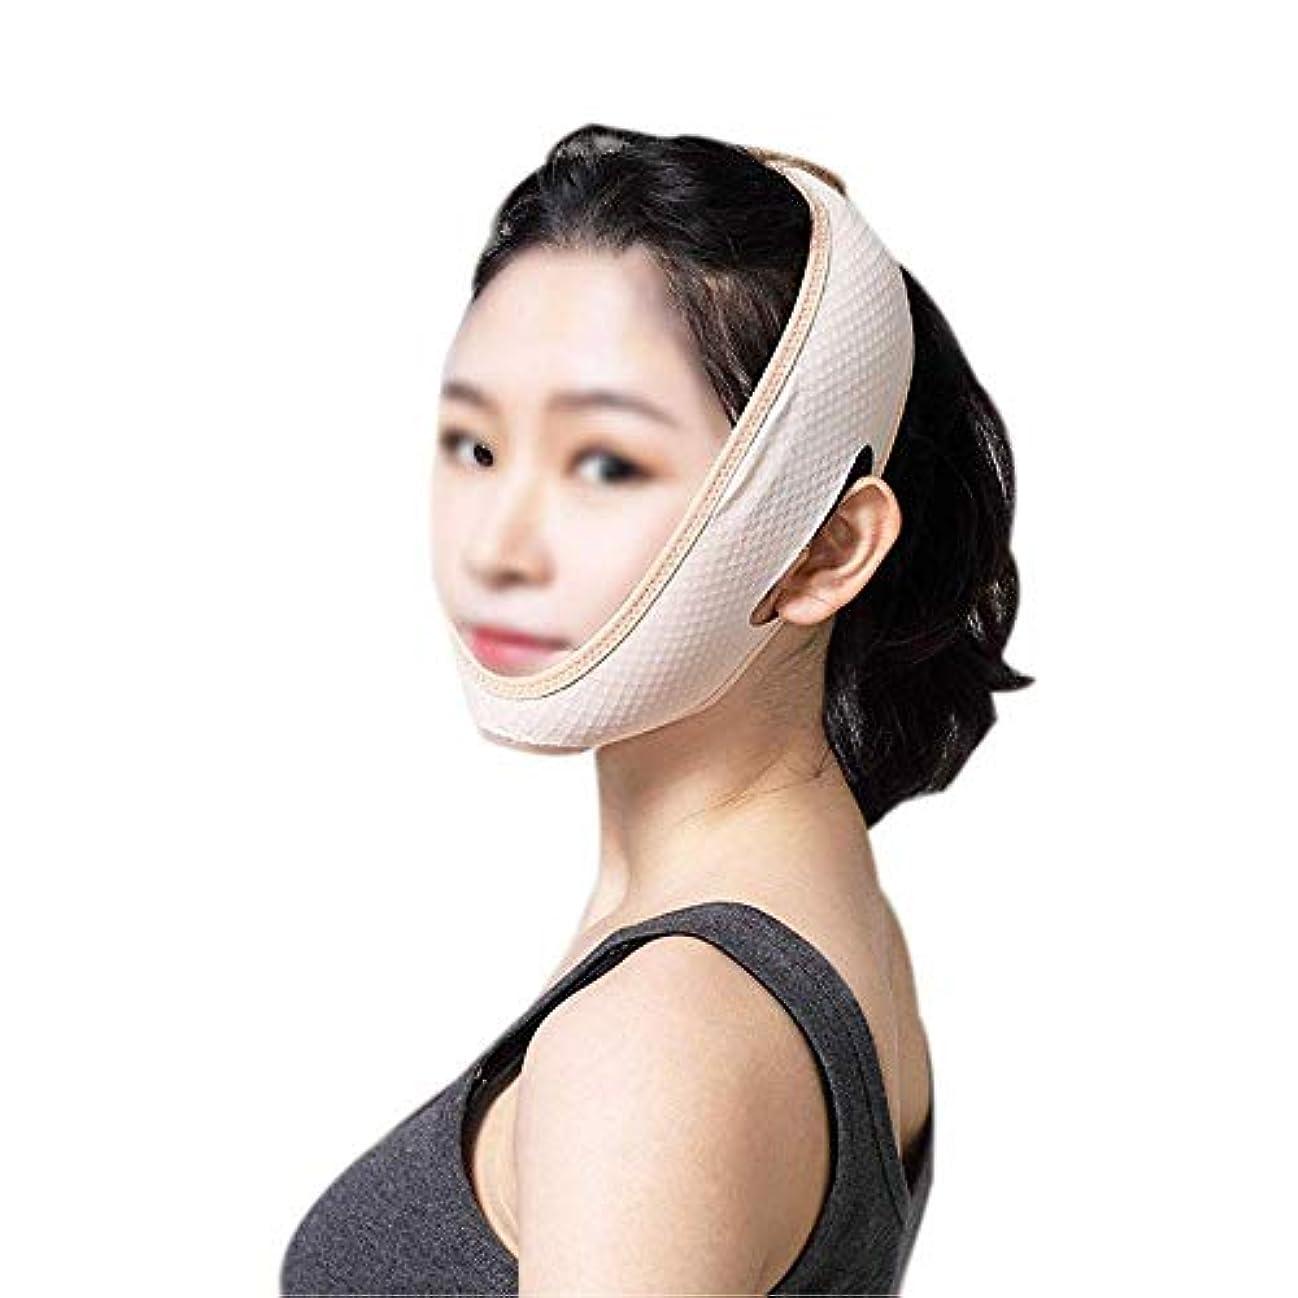 行ダイジェスト何もないフェイスリフティングバンデージ、肌の引き締めを強化する薄いフェイスマスクの睡眠、ダブルチンマスクの削減